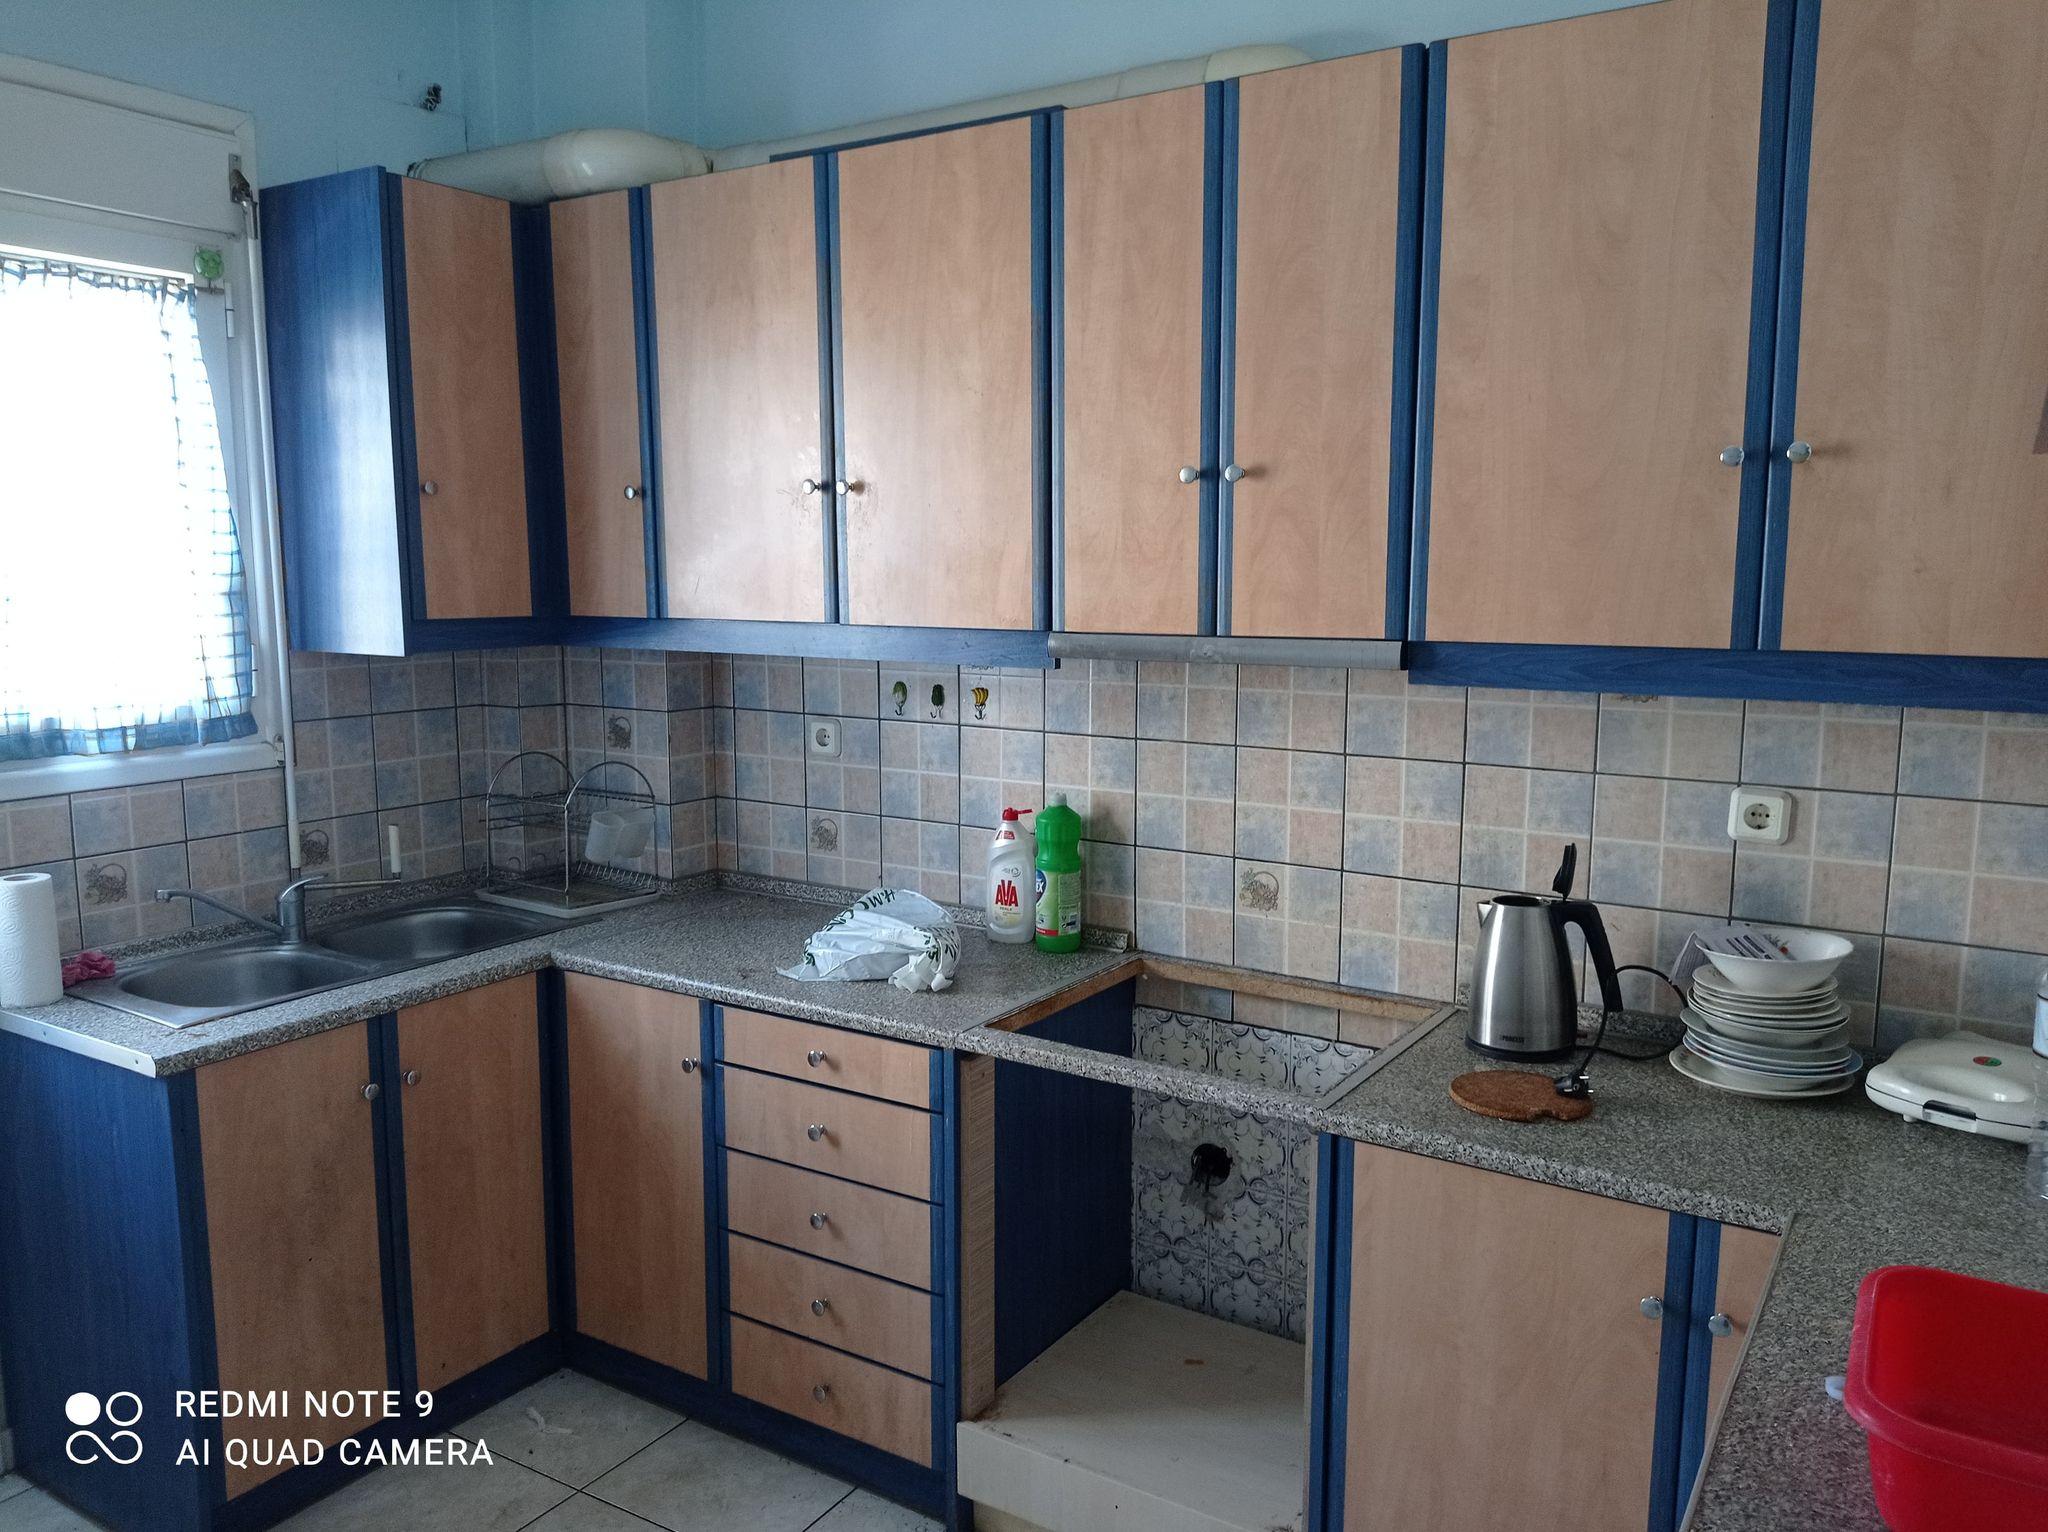 Πωλείται διαμέρισμα τριάρι 83τμ στην Αθήνα κοντά στον Σταθμό Λαρίσης